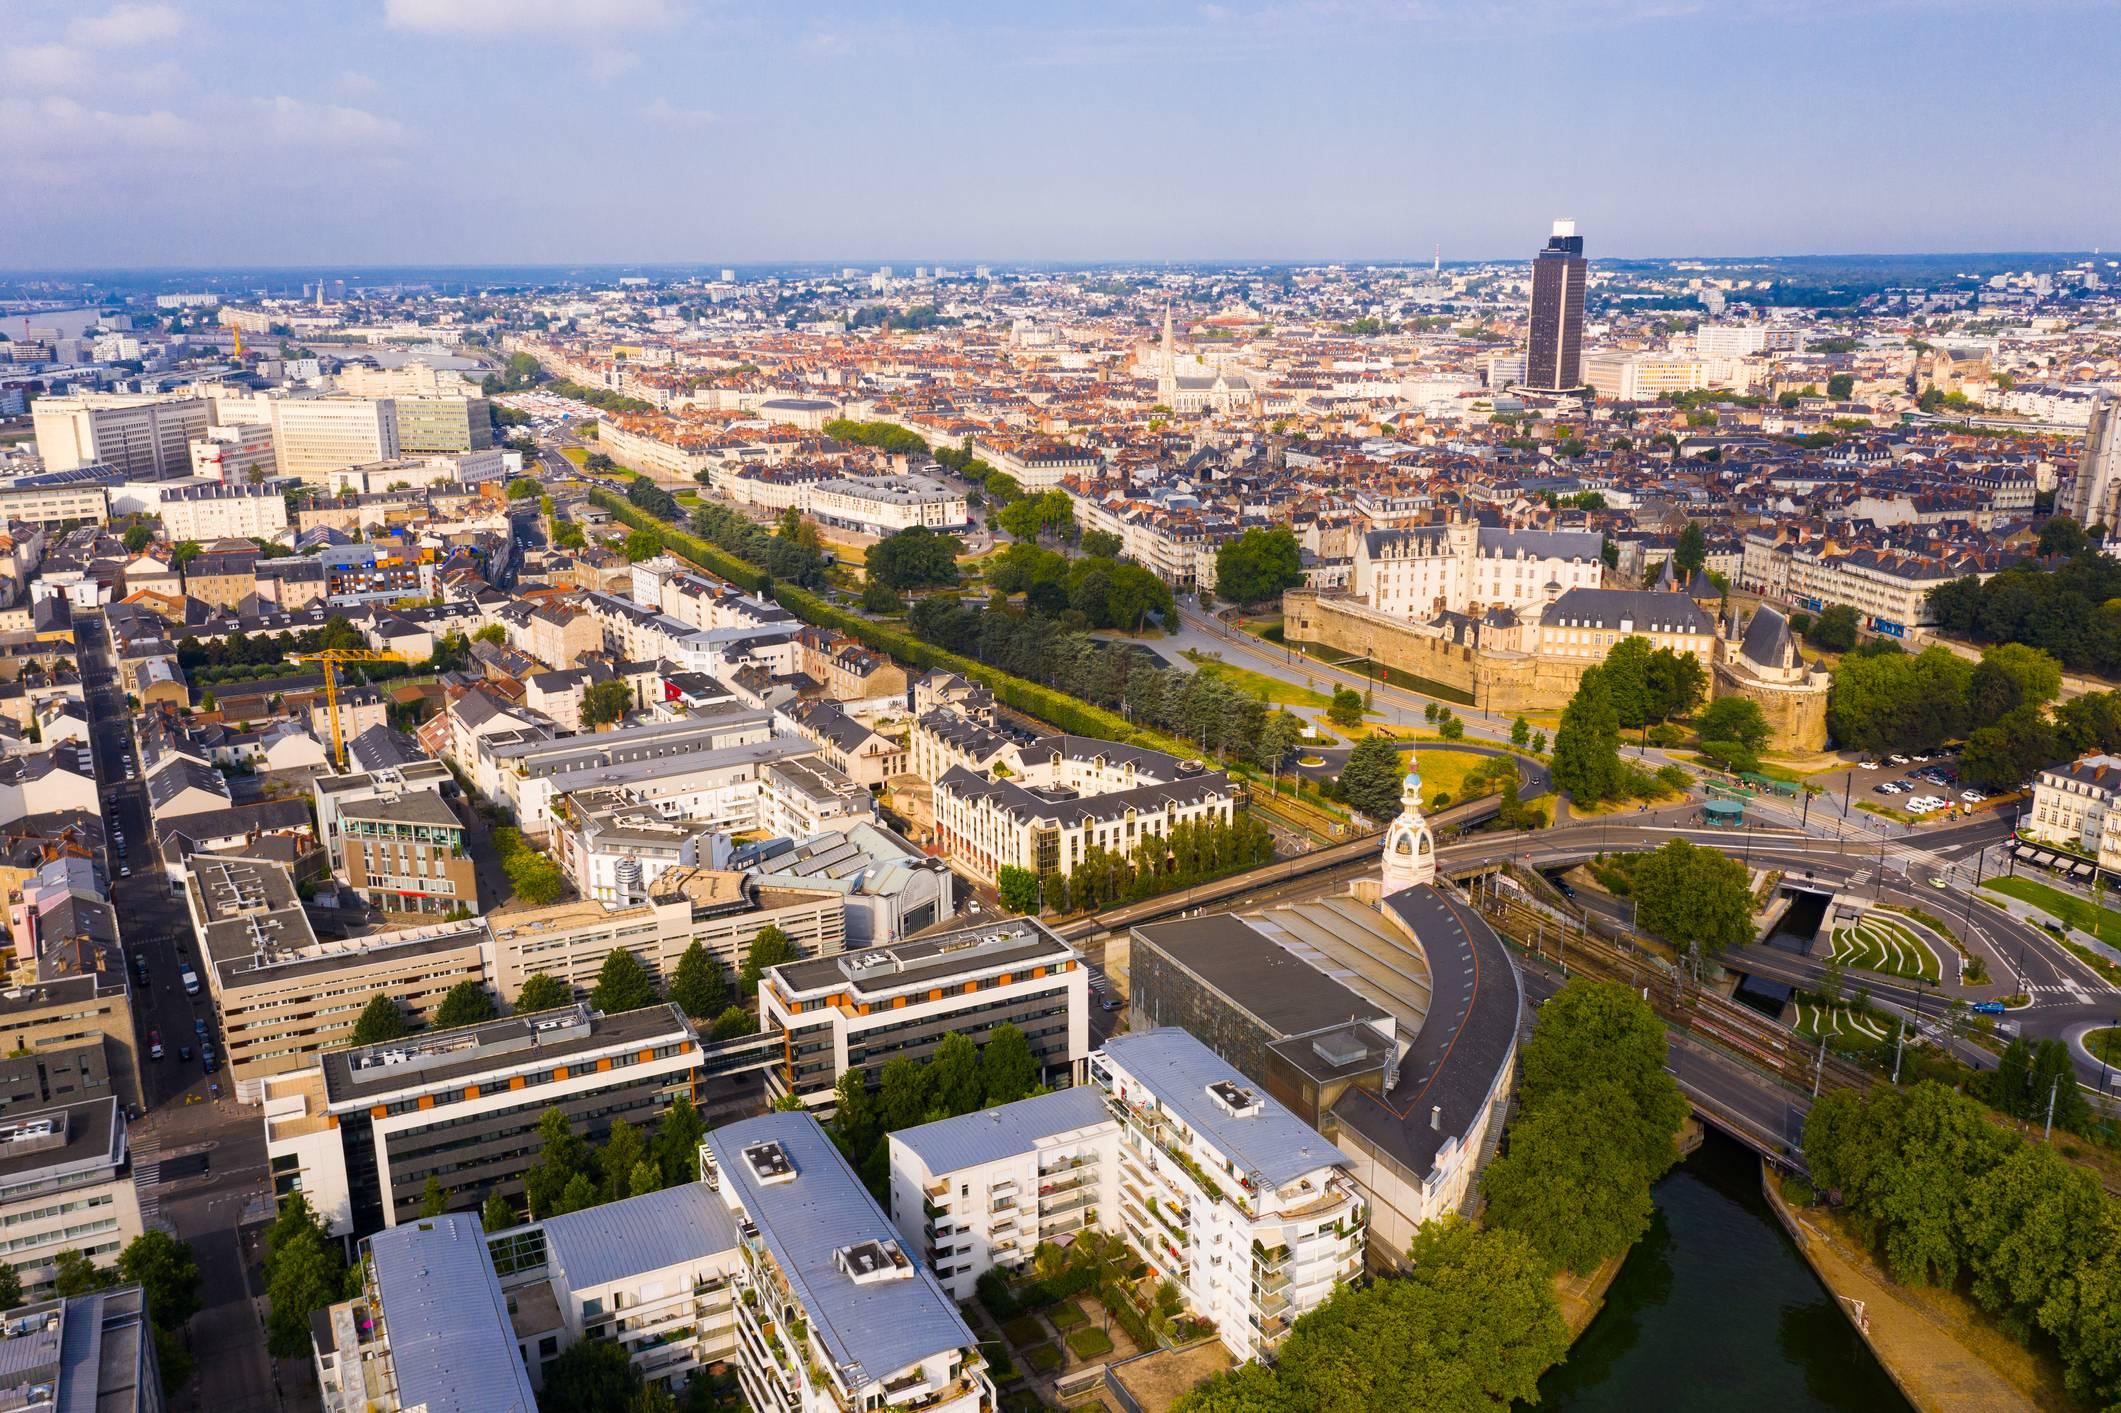 Greffe tribunal de commerce Nantes kbis